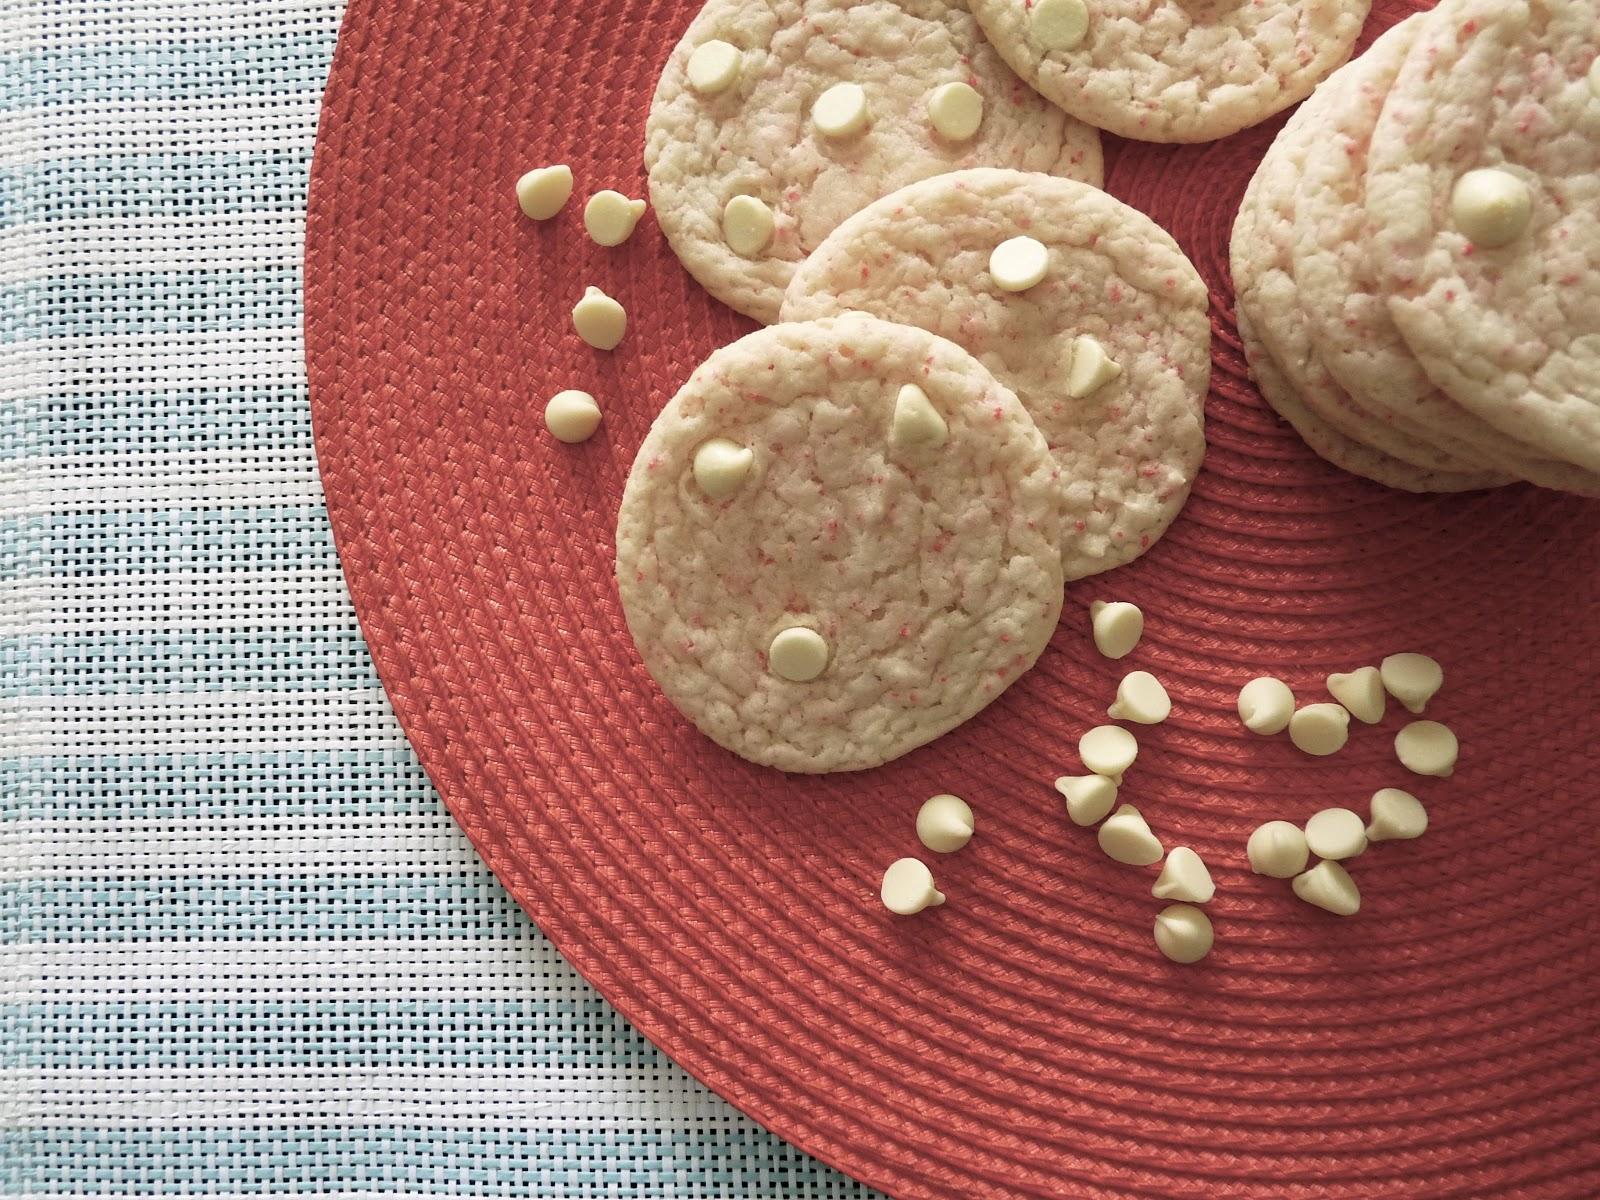 White Chocolate & Cherry Chip Cookies